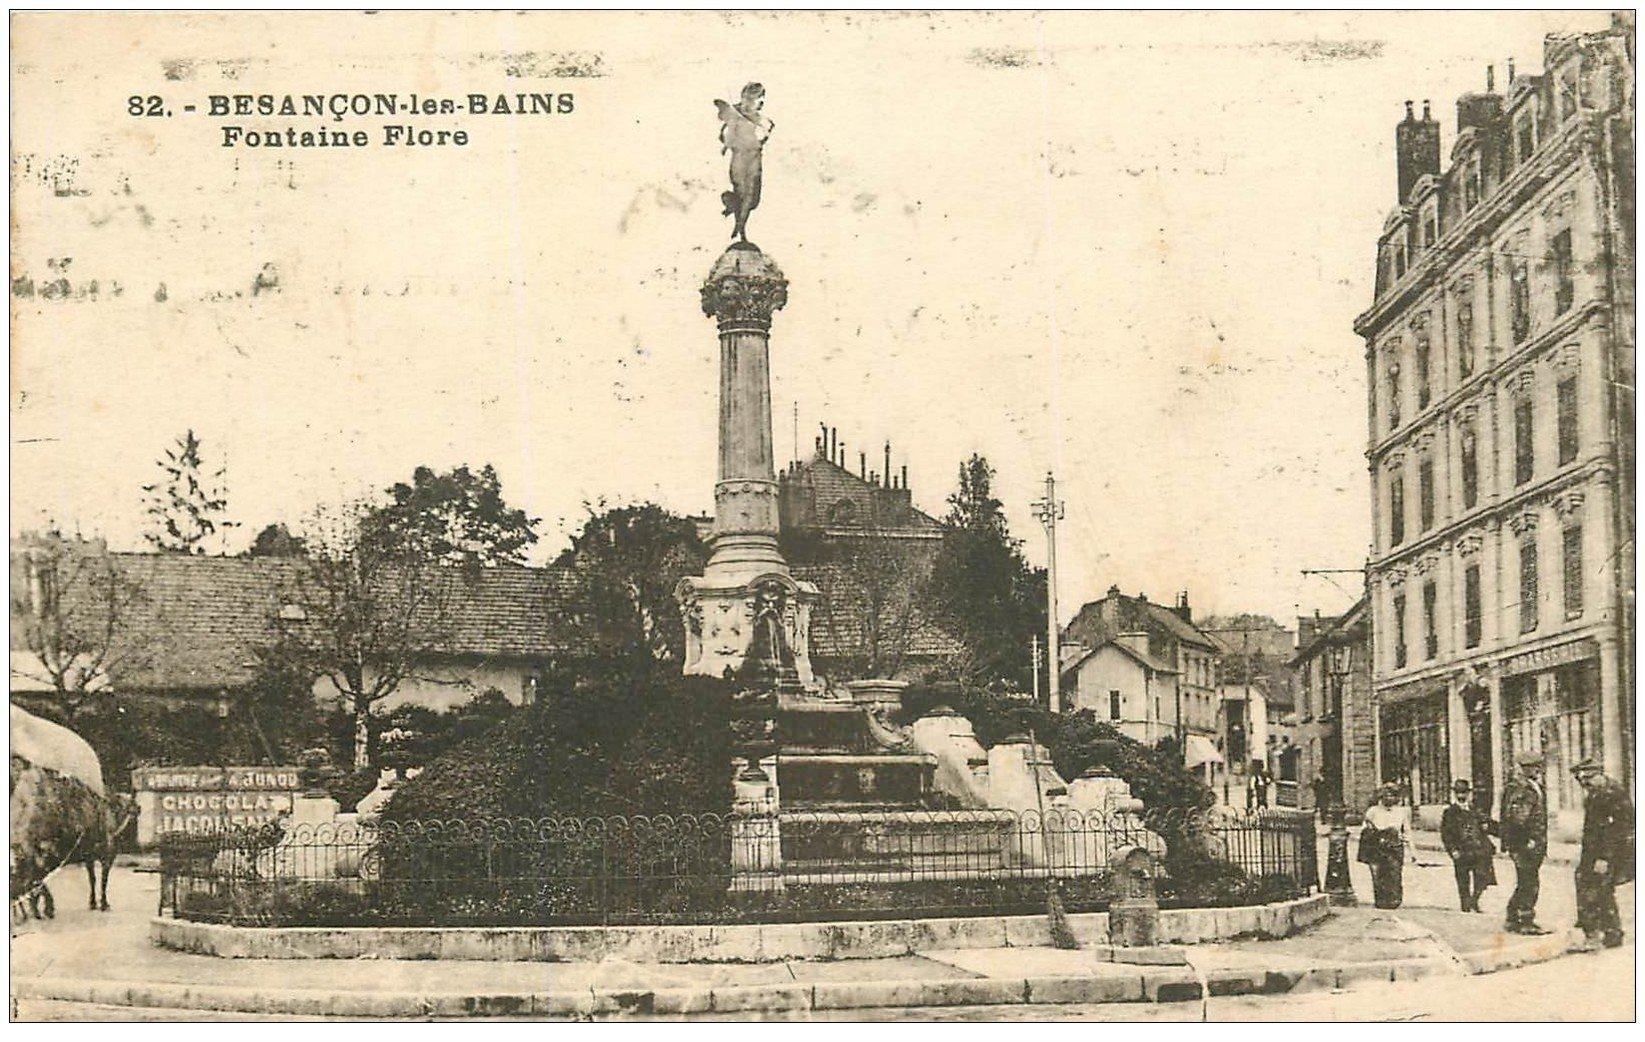 25 besancon fontaine flore 1931 for 25 besancon